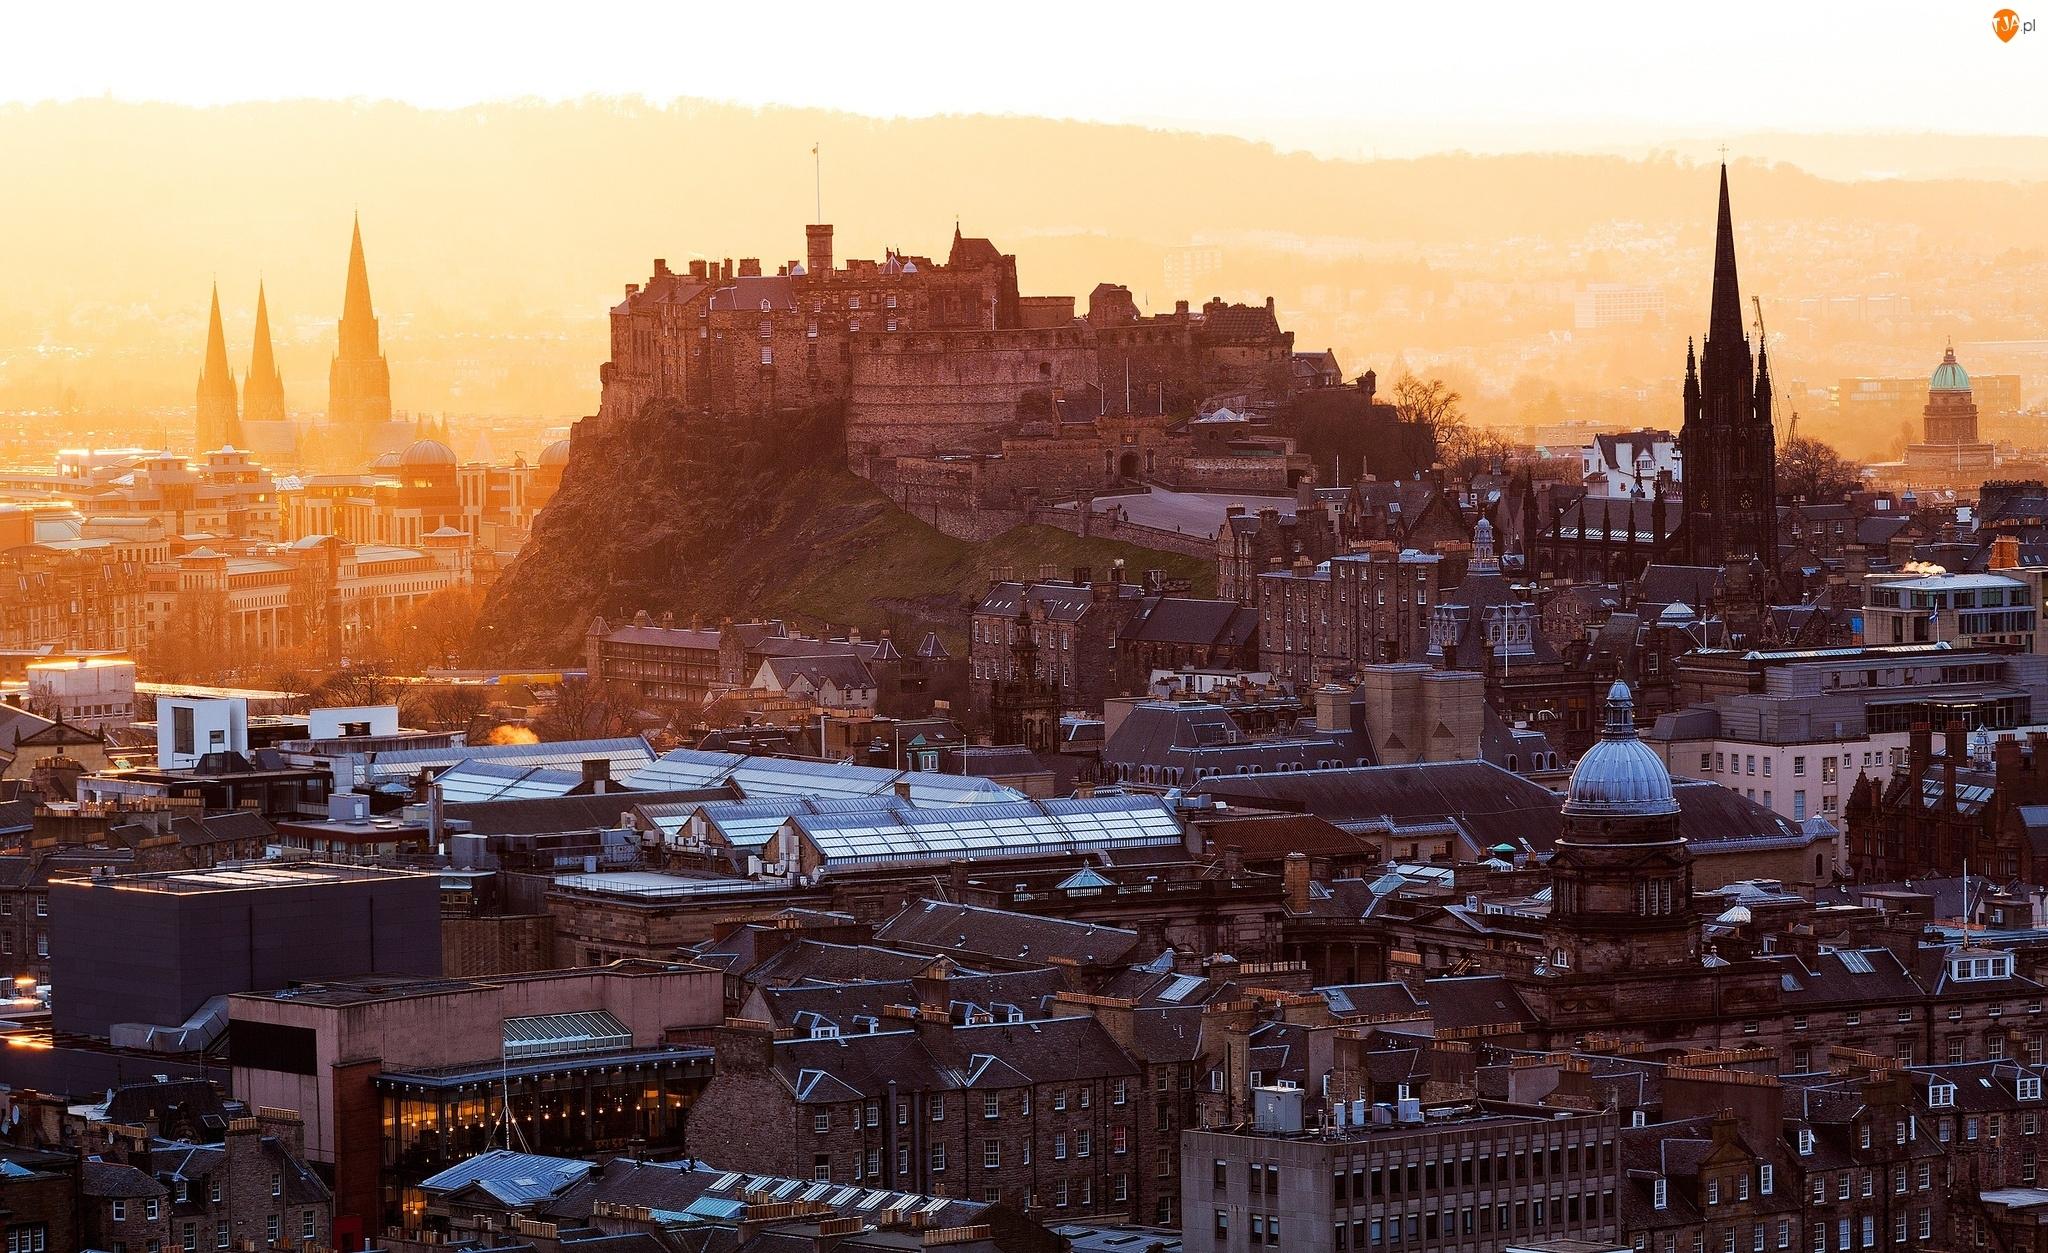 Miasto, Szkocja, Edynburg